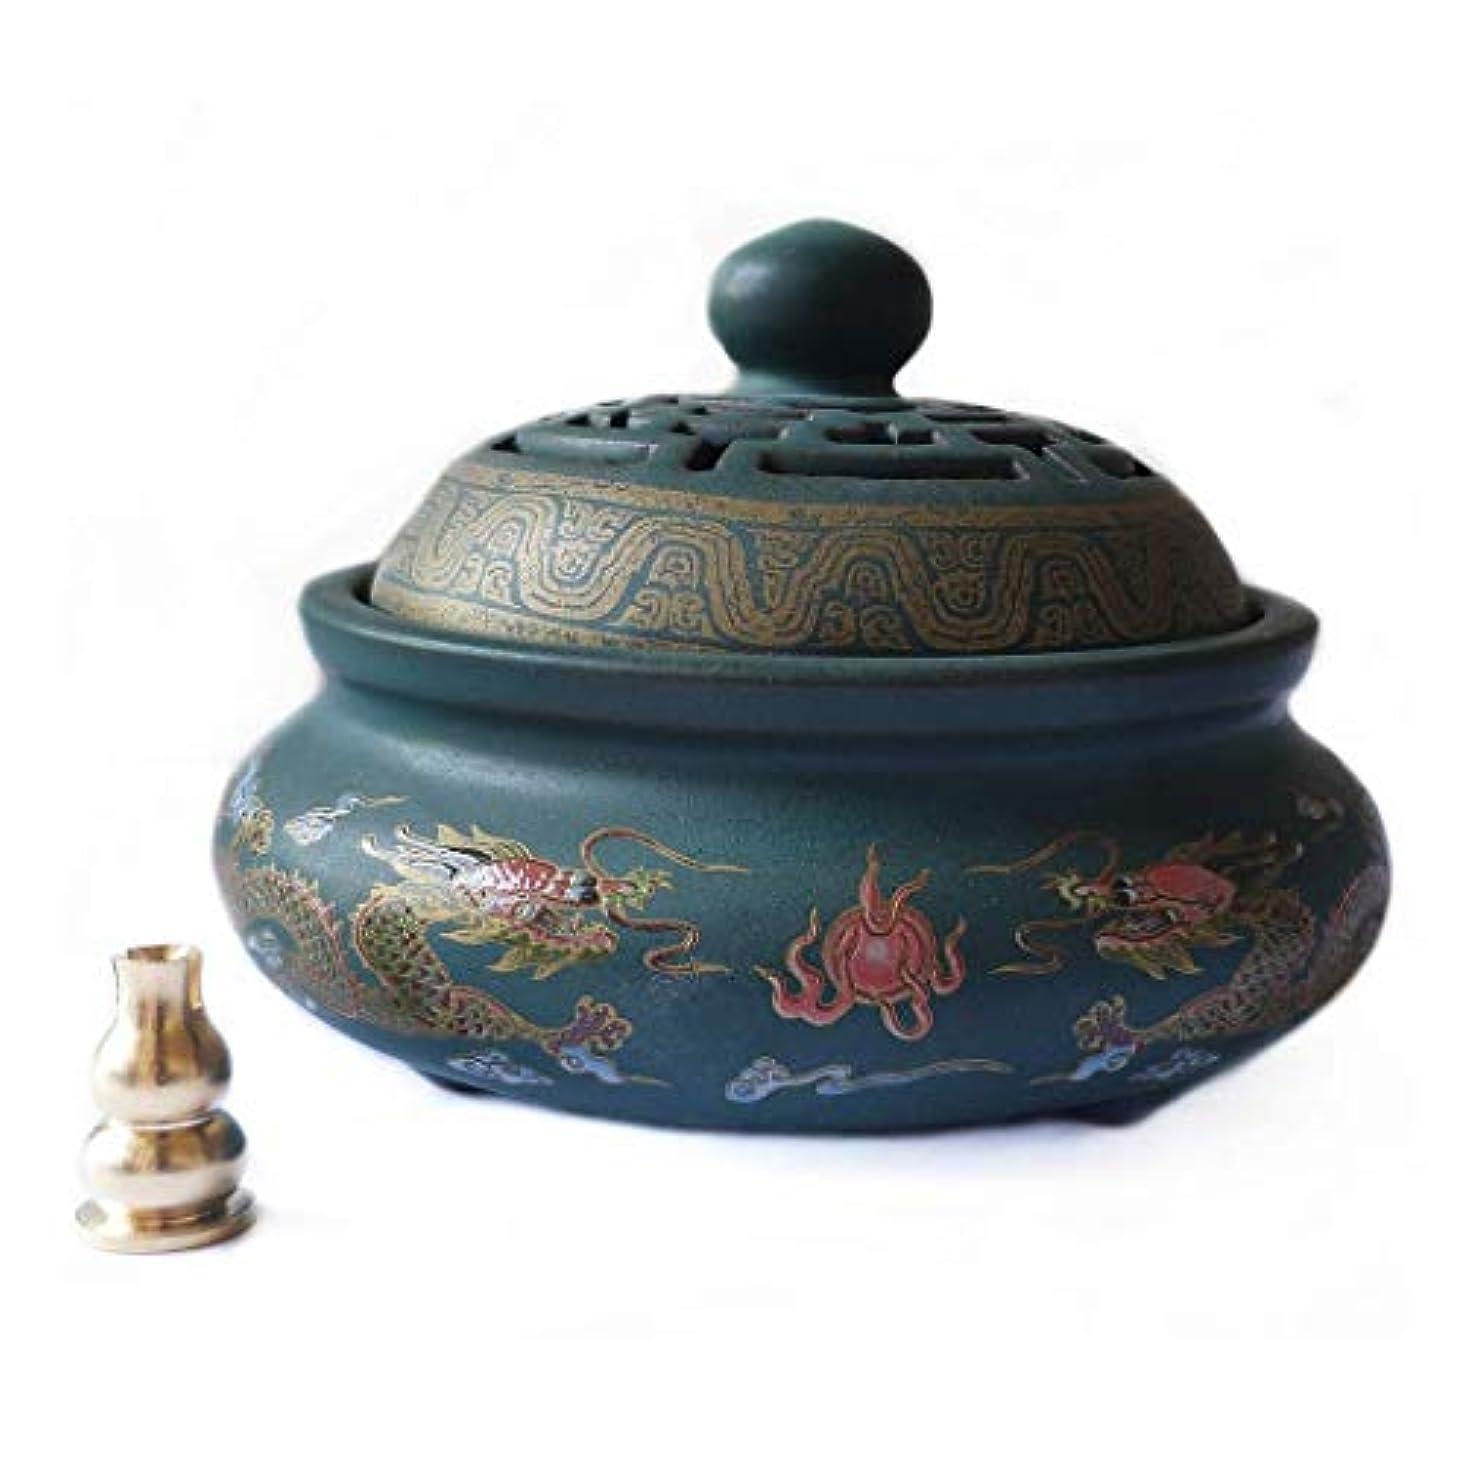 マングル事業内容統治するYONIK 香炉 渦巻き線香ホルダー 蚊取り線香ホルダー 線香入れ 磁器 香皿 蓋付き 香立て付き 和風